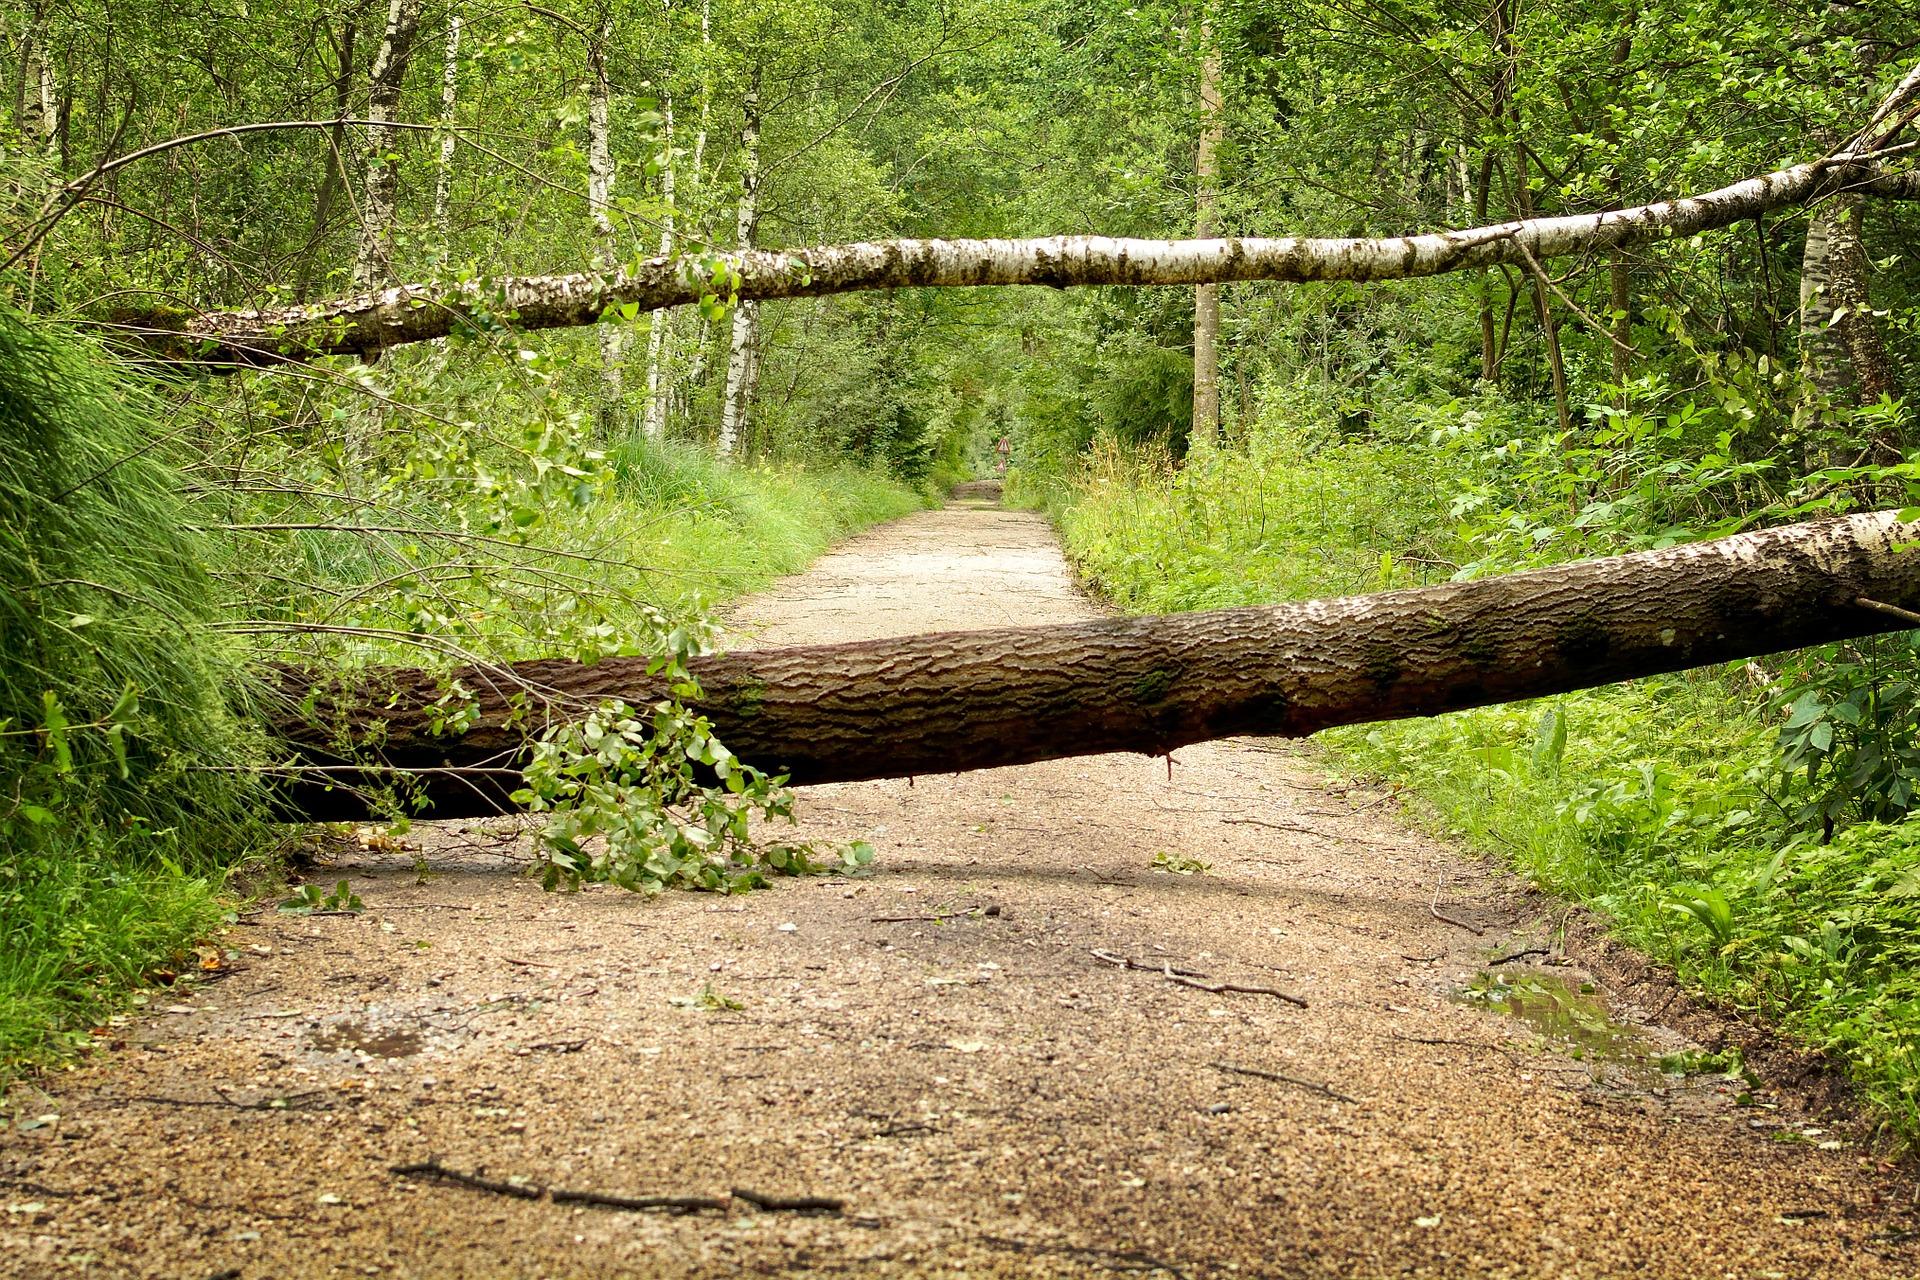 Tronco de árbol ejerciendo de barrera al paso